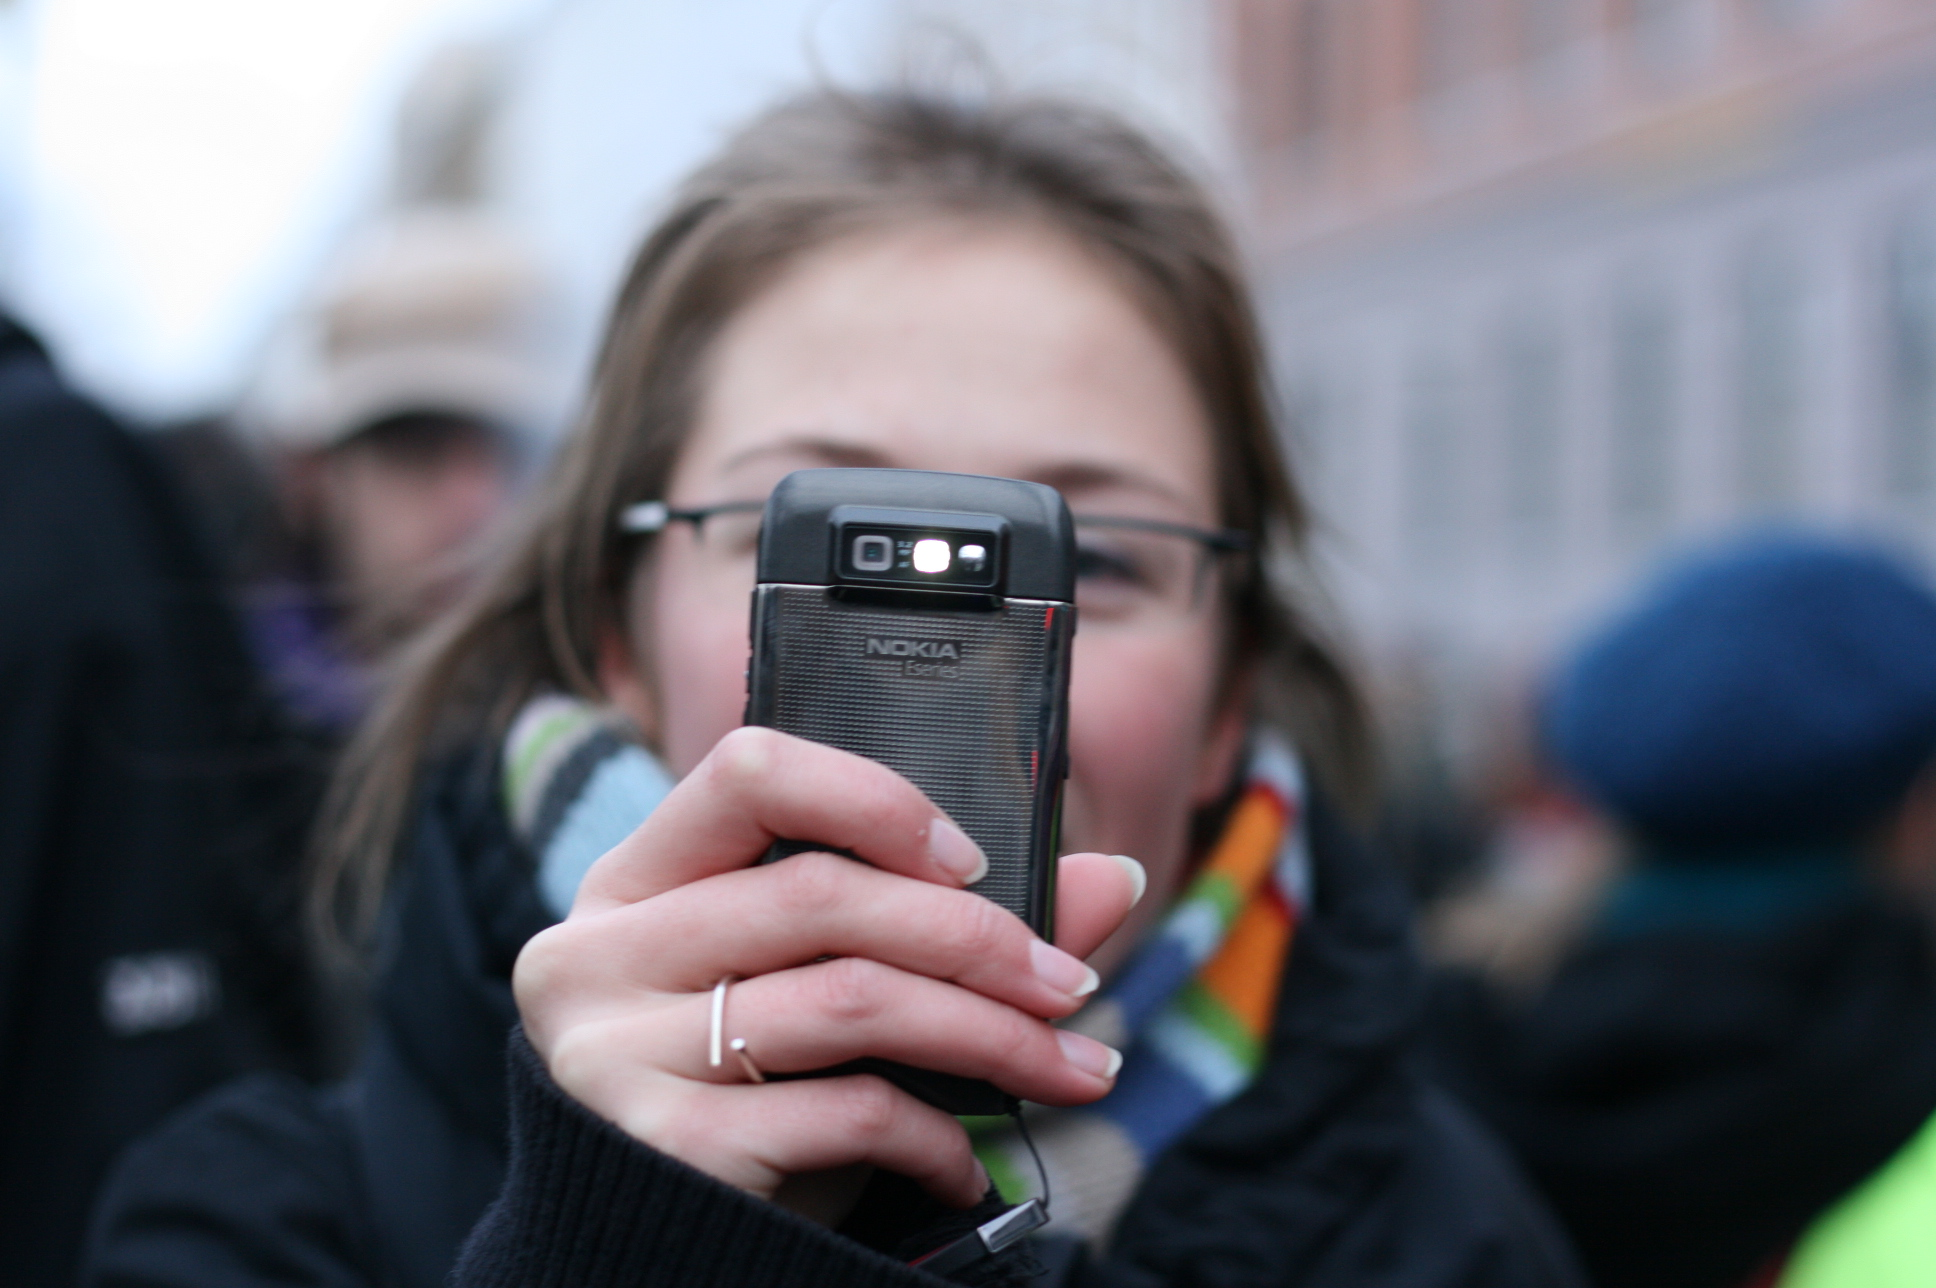 Как восстановить удаленные фото с телефона нокиа оклейки чаще